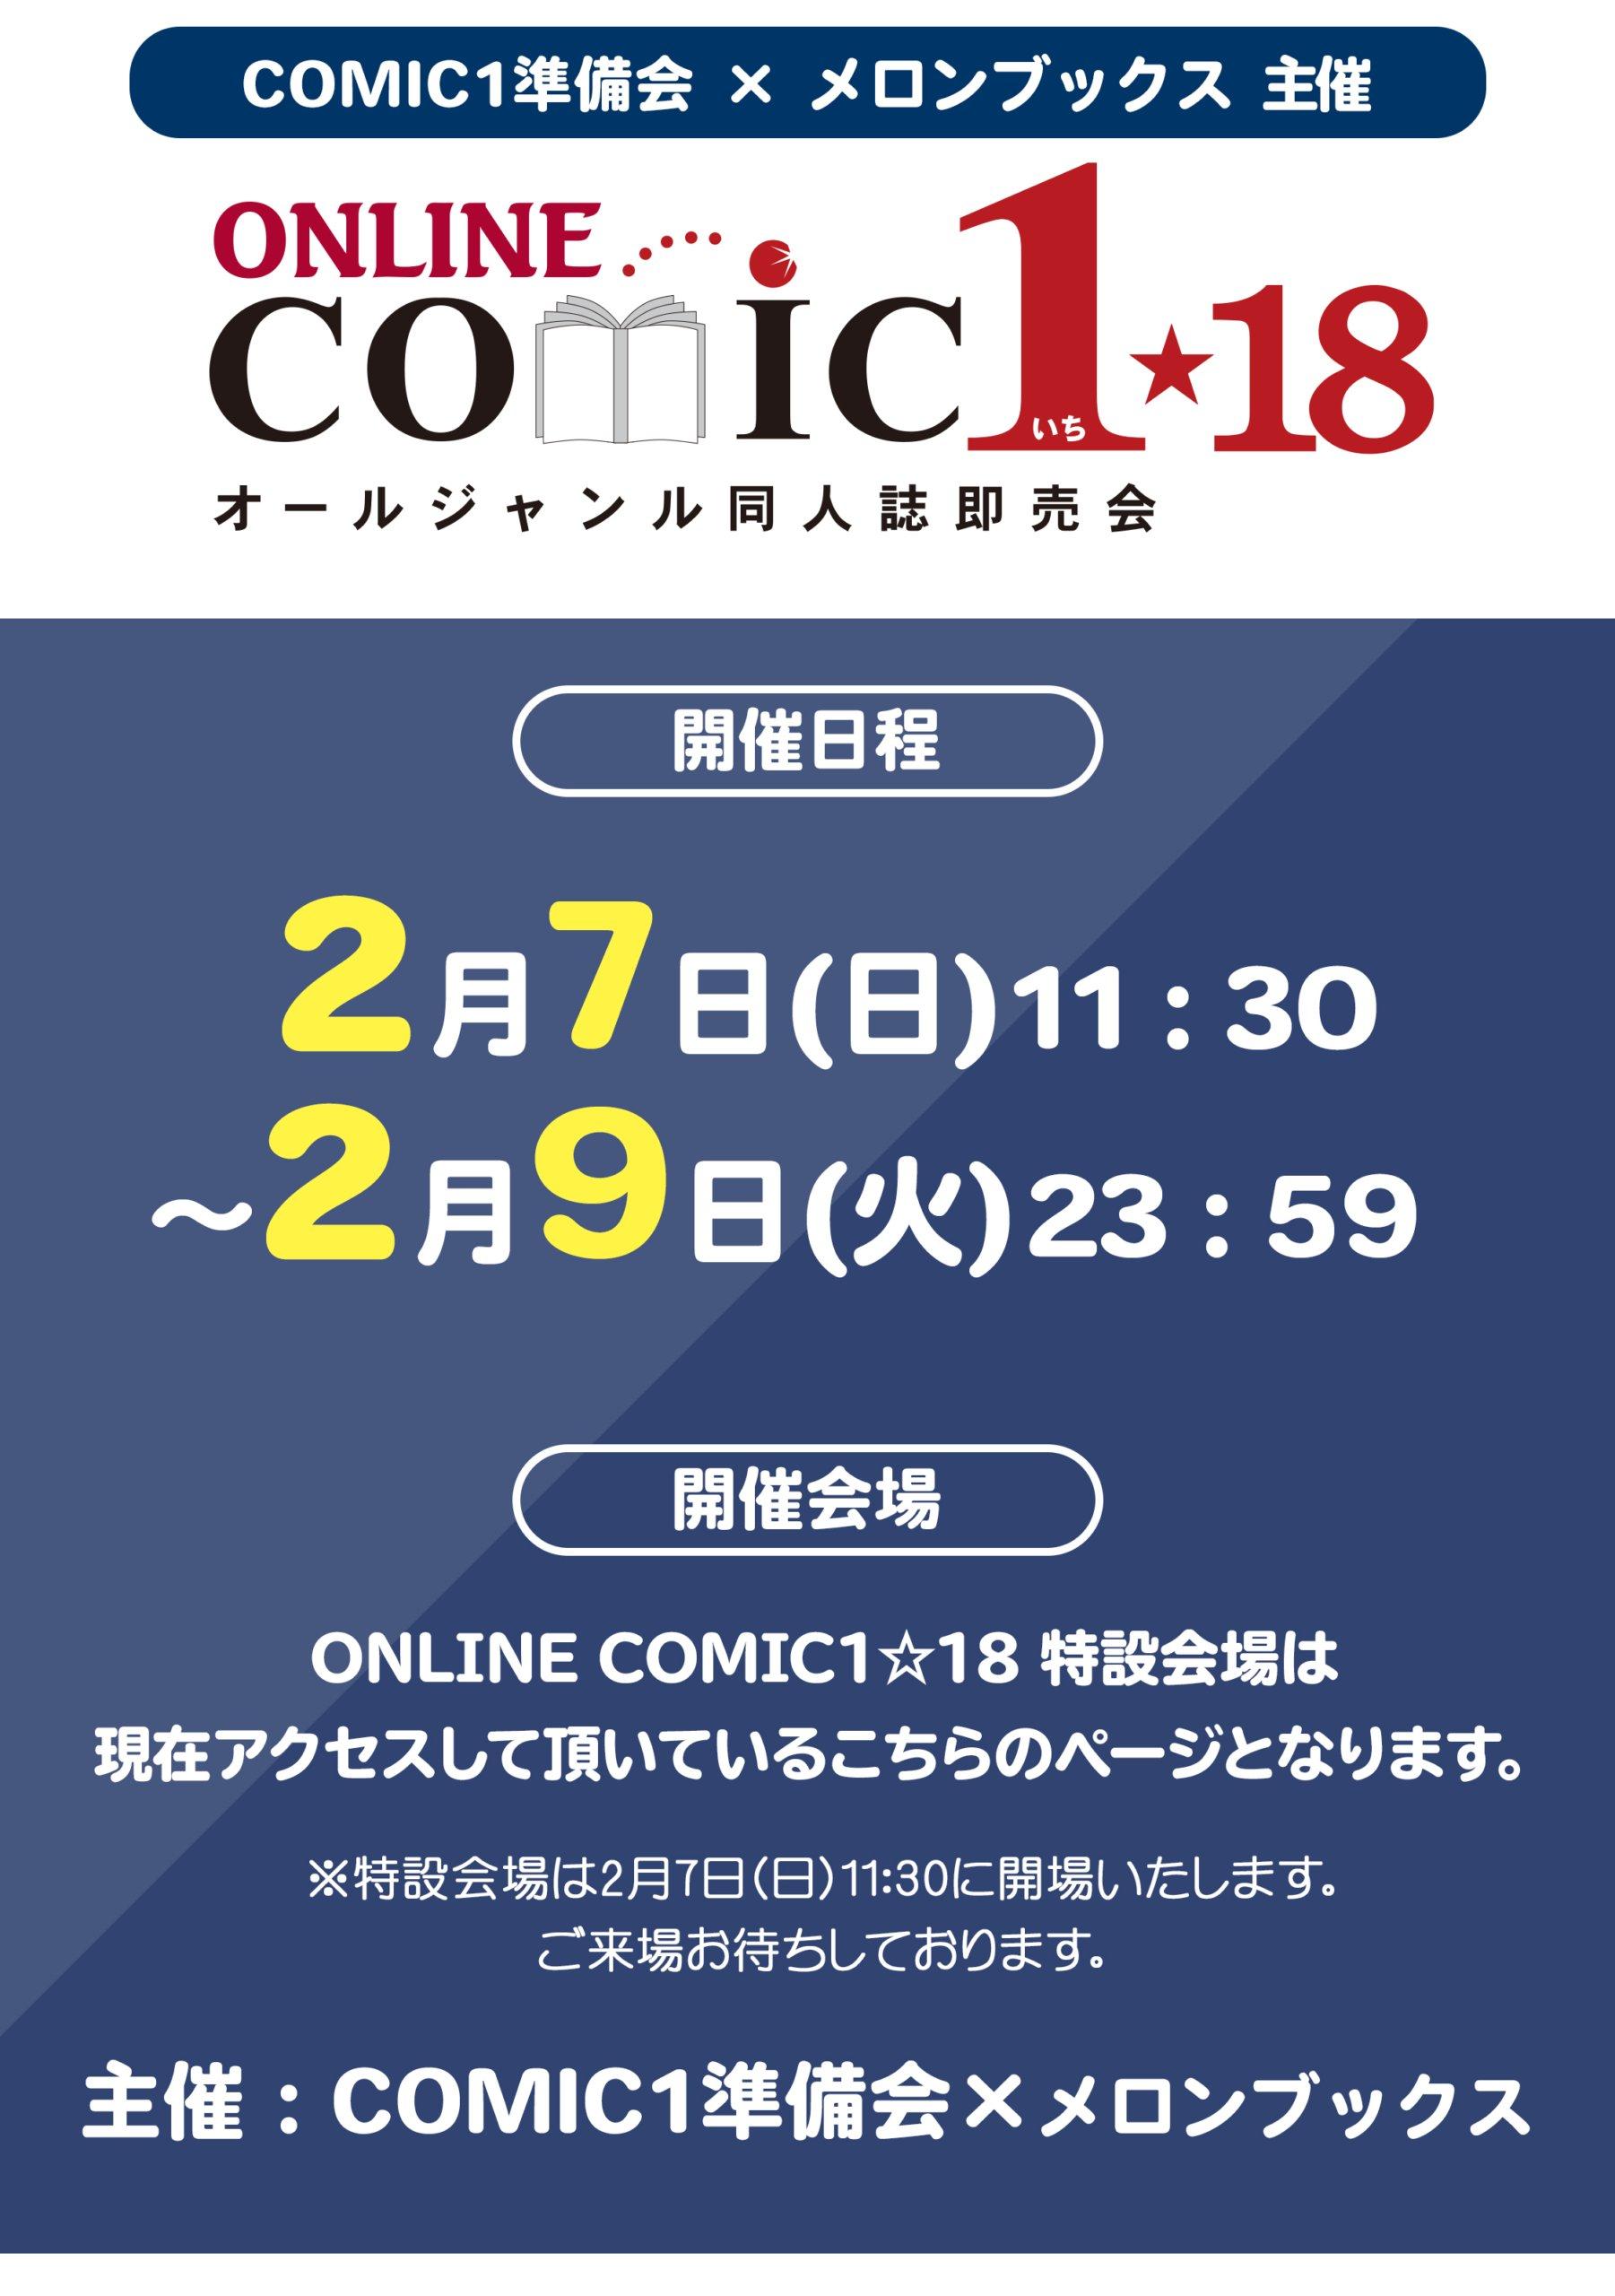 エアイベント開催のお知らせ*メロンブックス×ONLINE COMIC1☆18*